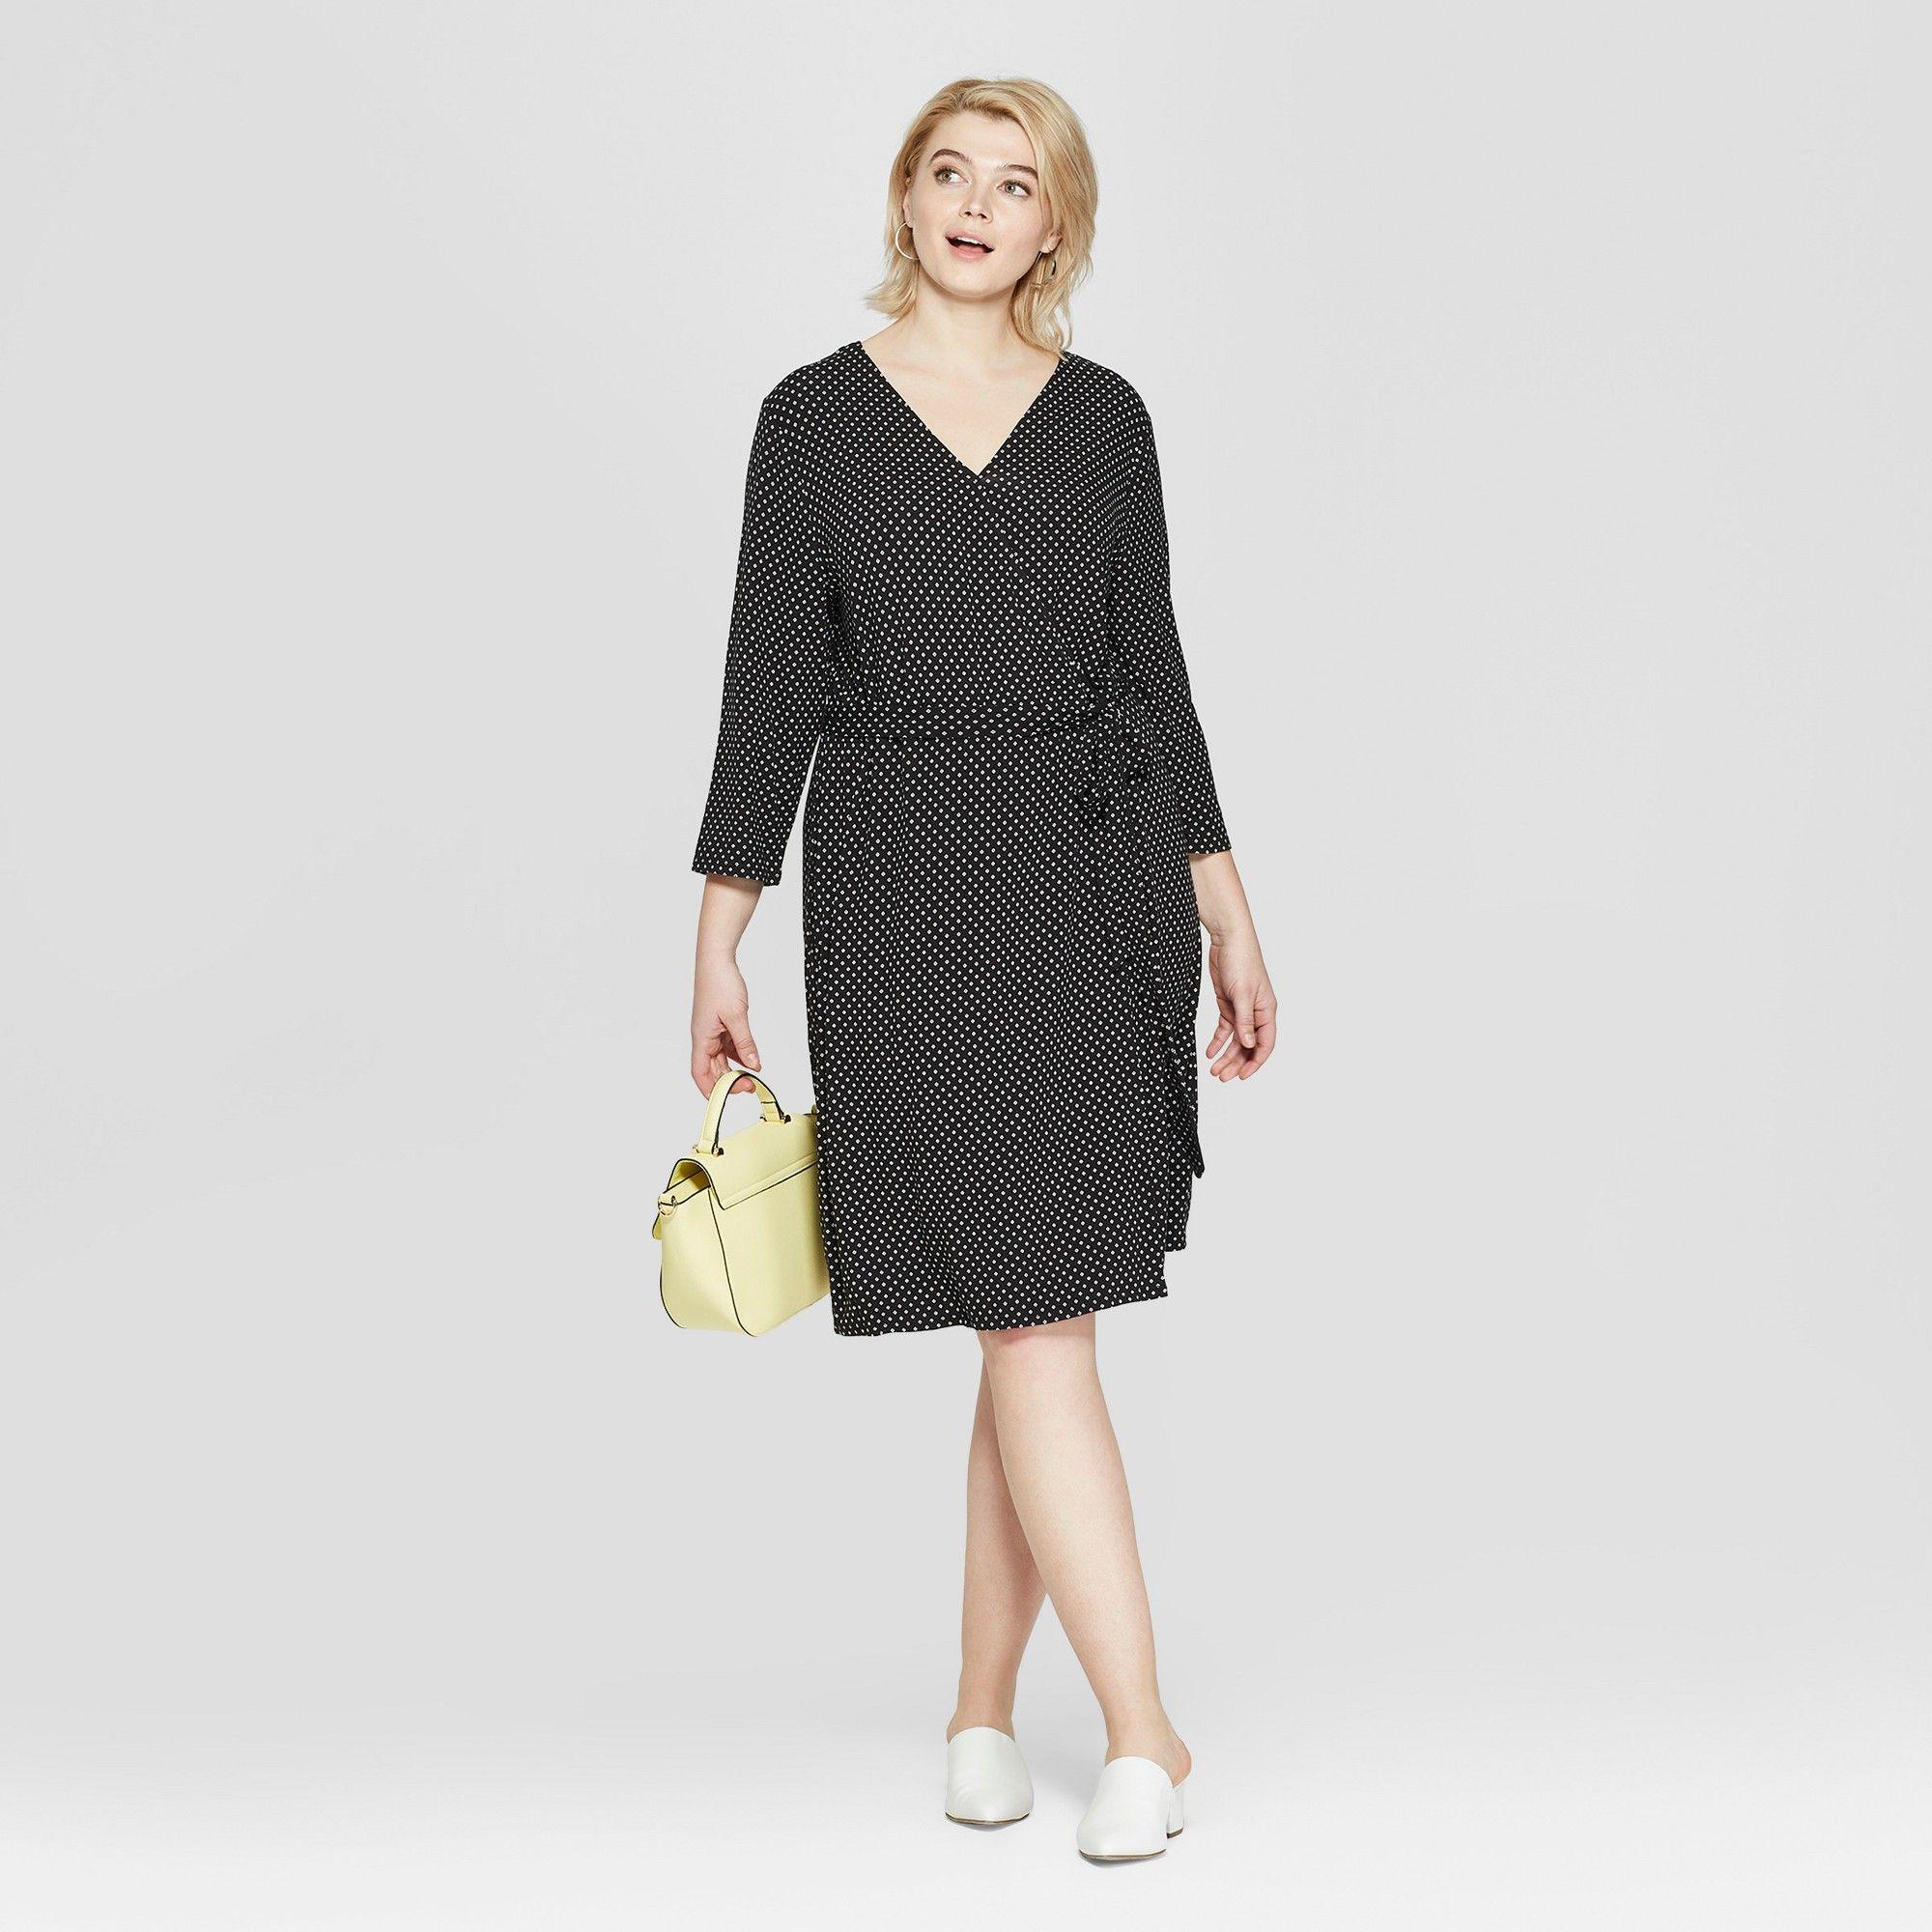 Women S Plus Size Polka Dot 3 4 Sleeve Wrap Midi Dress Ava Viv Black White 3x Wrap Midi Dress Knit Wrap Dress Turtleneck Midi Dress [ 2000 x 2000 Pixel ]